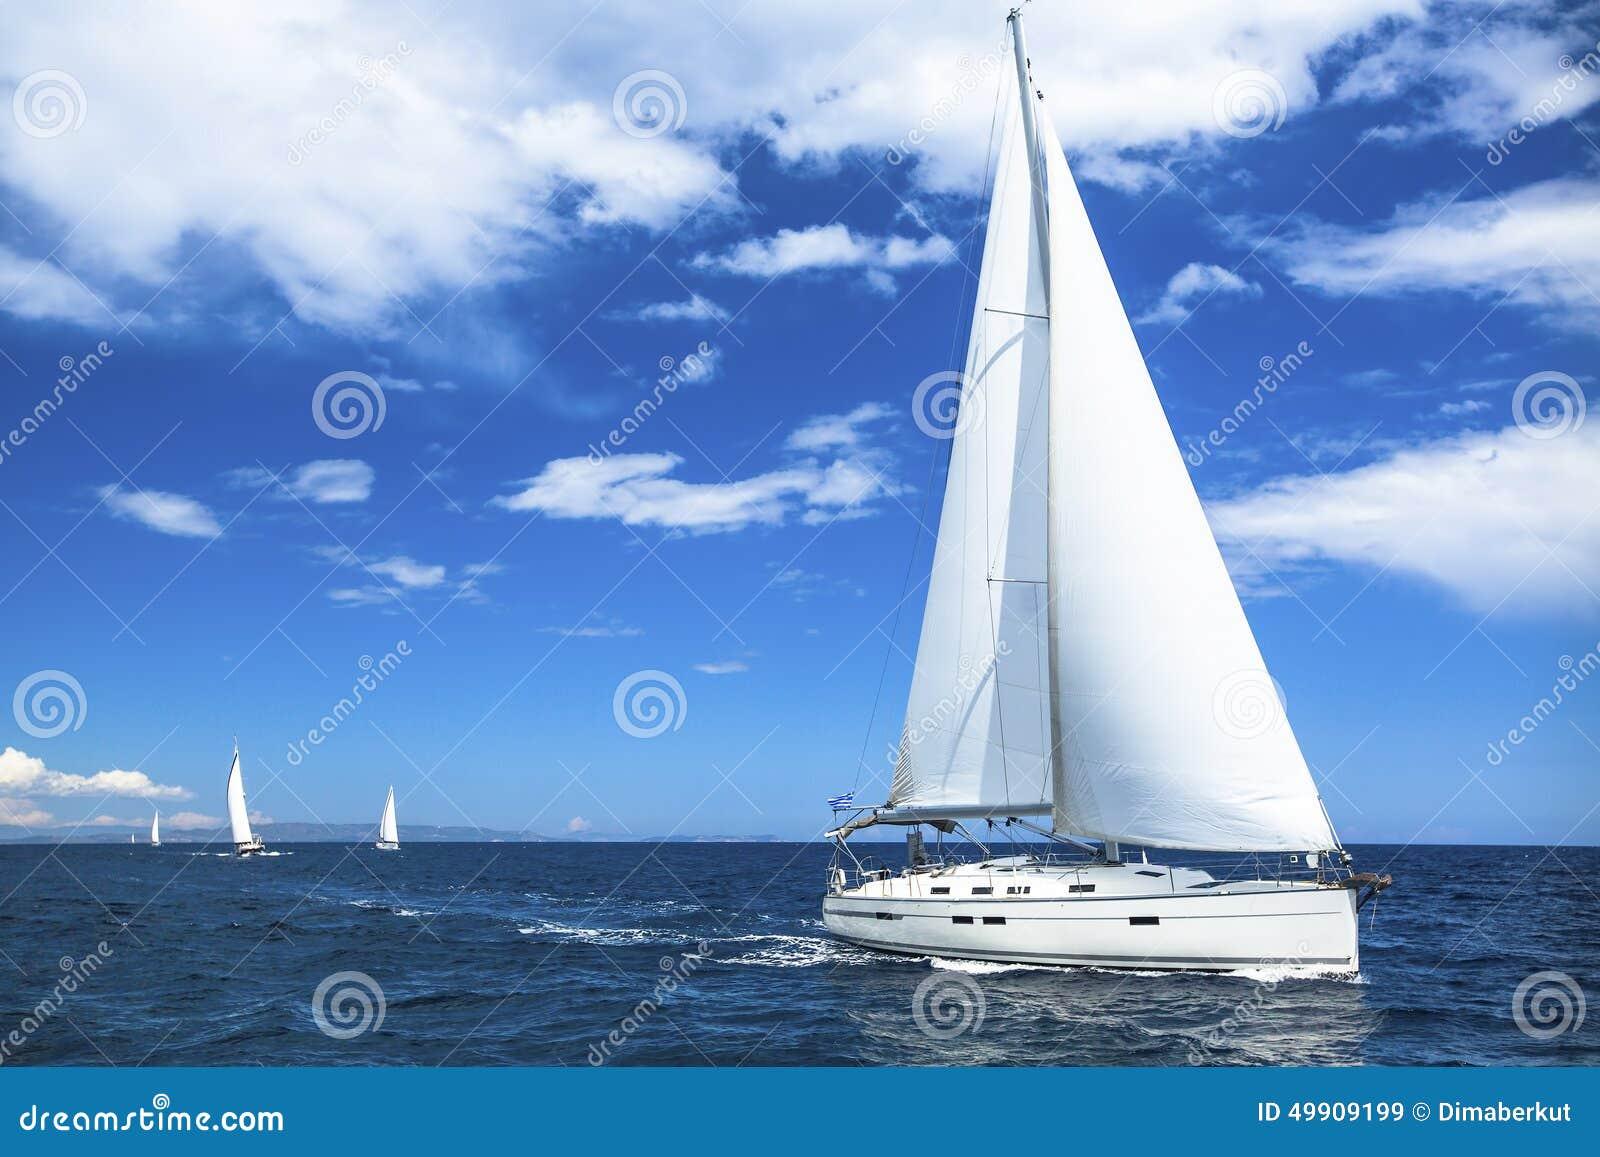 Гонка регаты яхты или ветрила парусника на море открытого моря Спорт